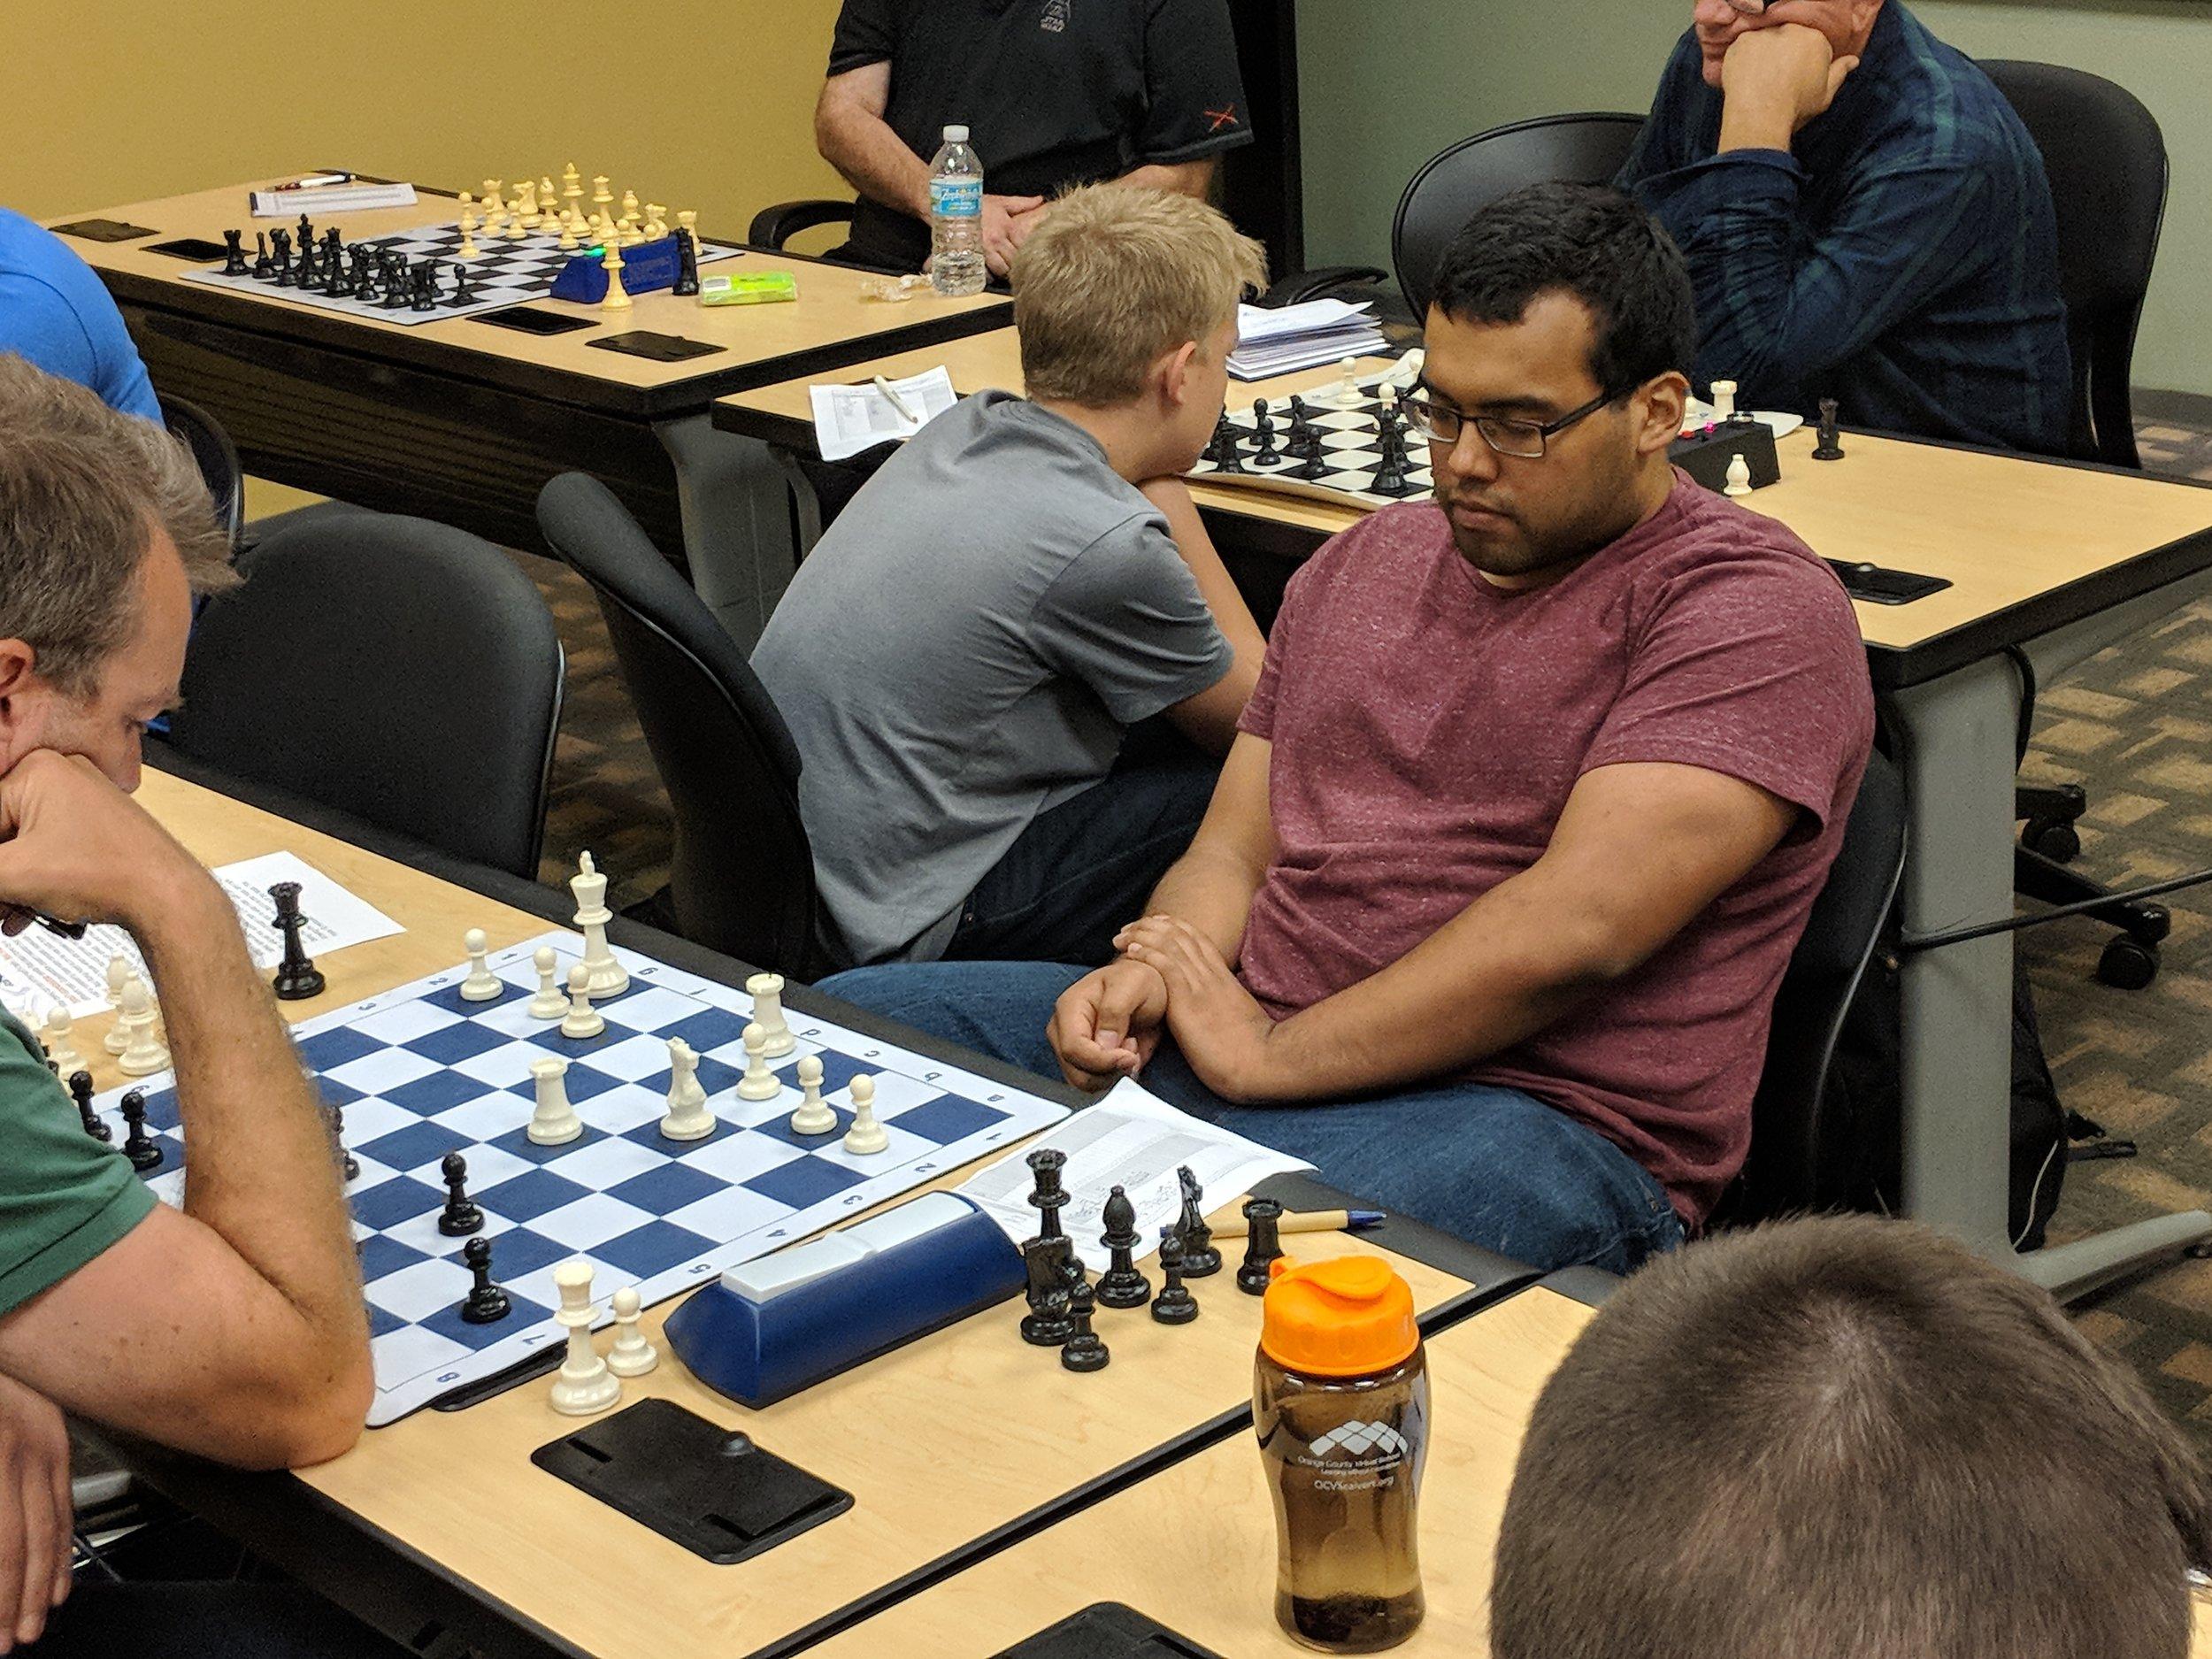 NM Makaio Krienke (2187, right) vs. Freddy Hestholm (1200, FIDE)